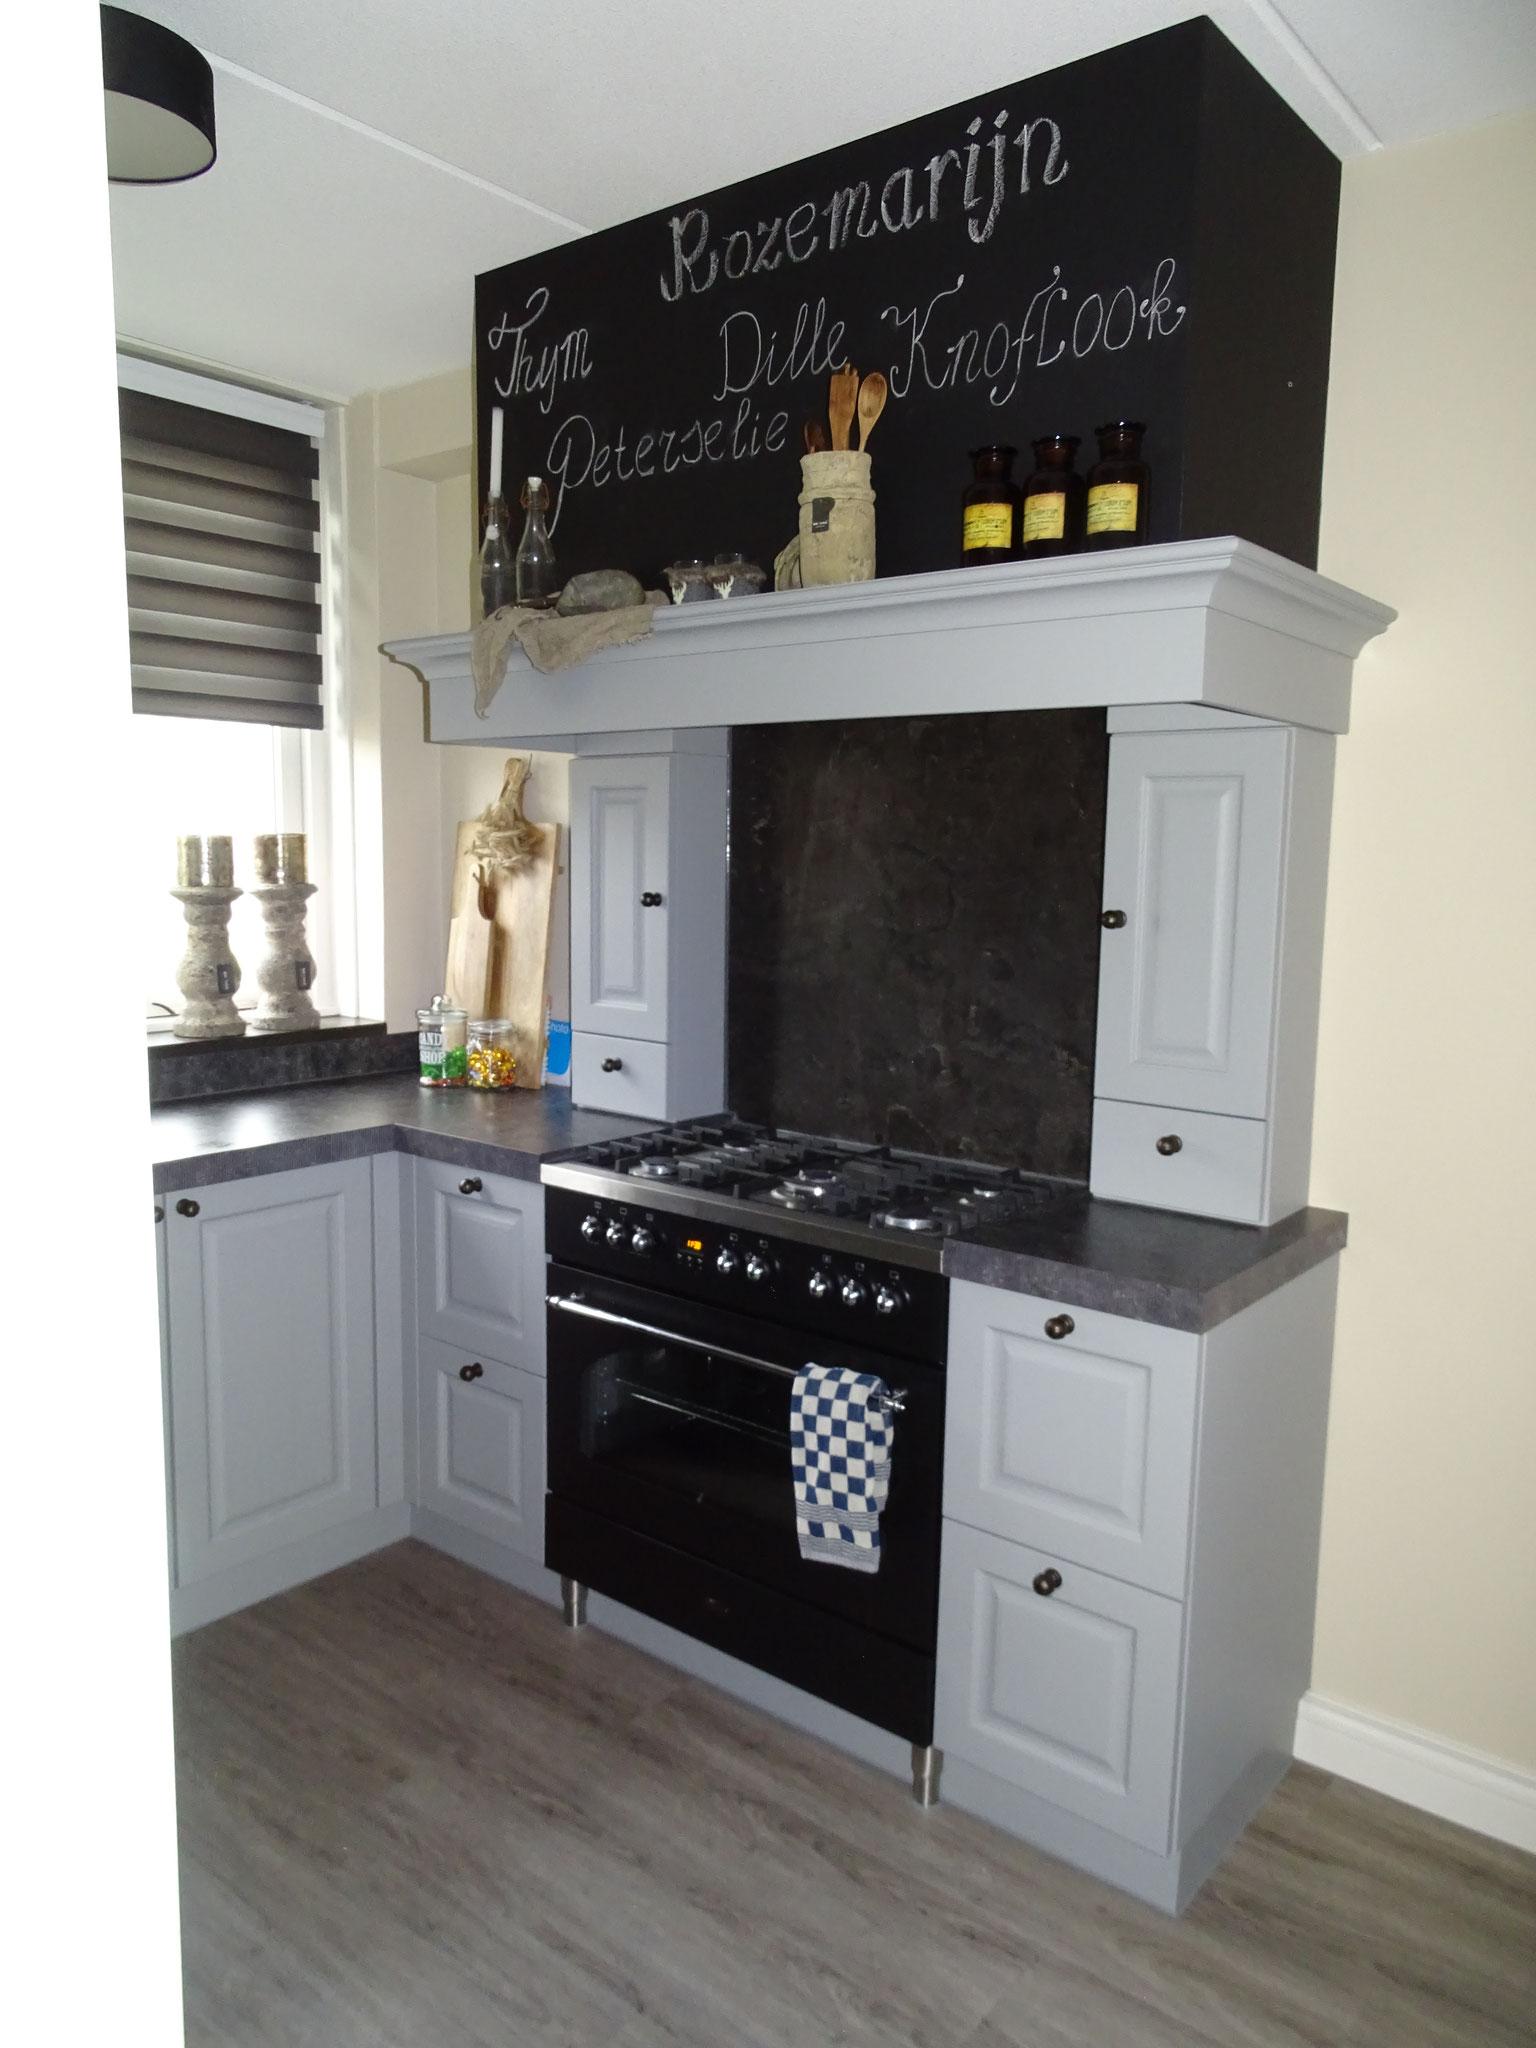 Keukens - Interieurbouw Barneveld een goede en betaalbare kwaliteit!